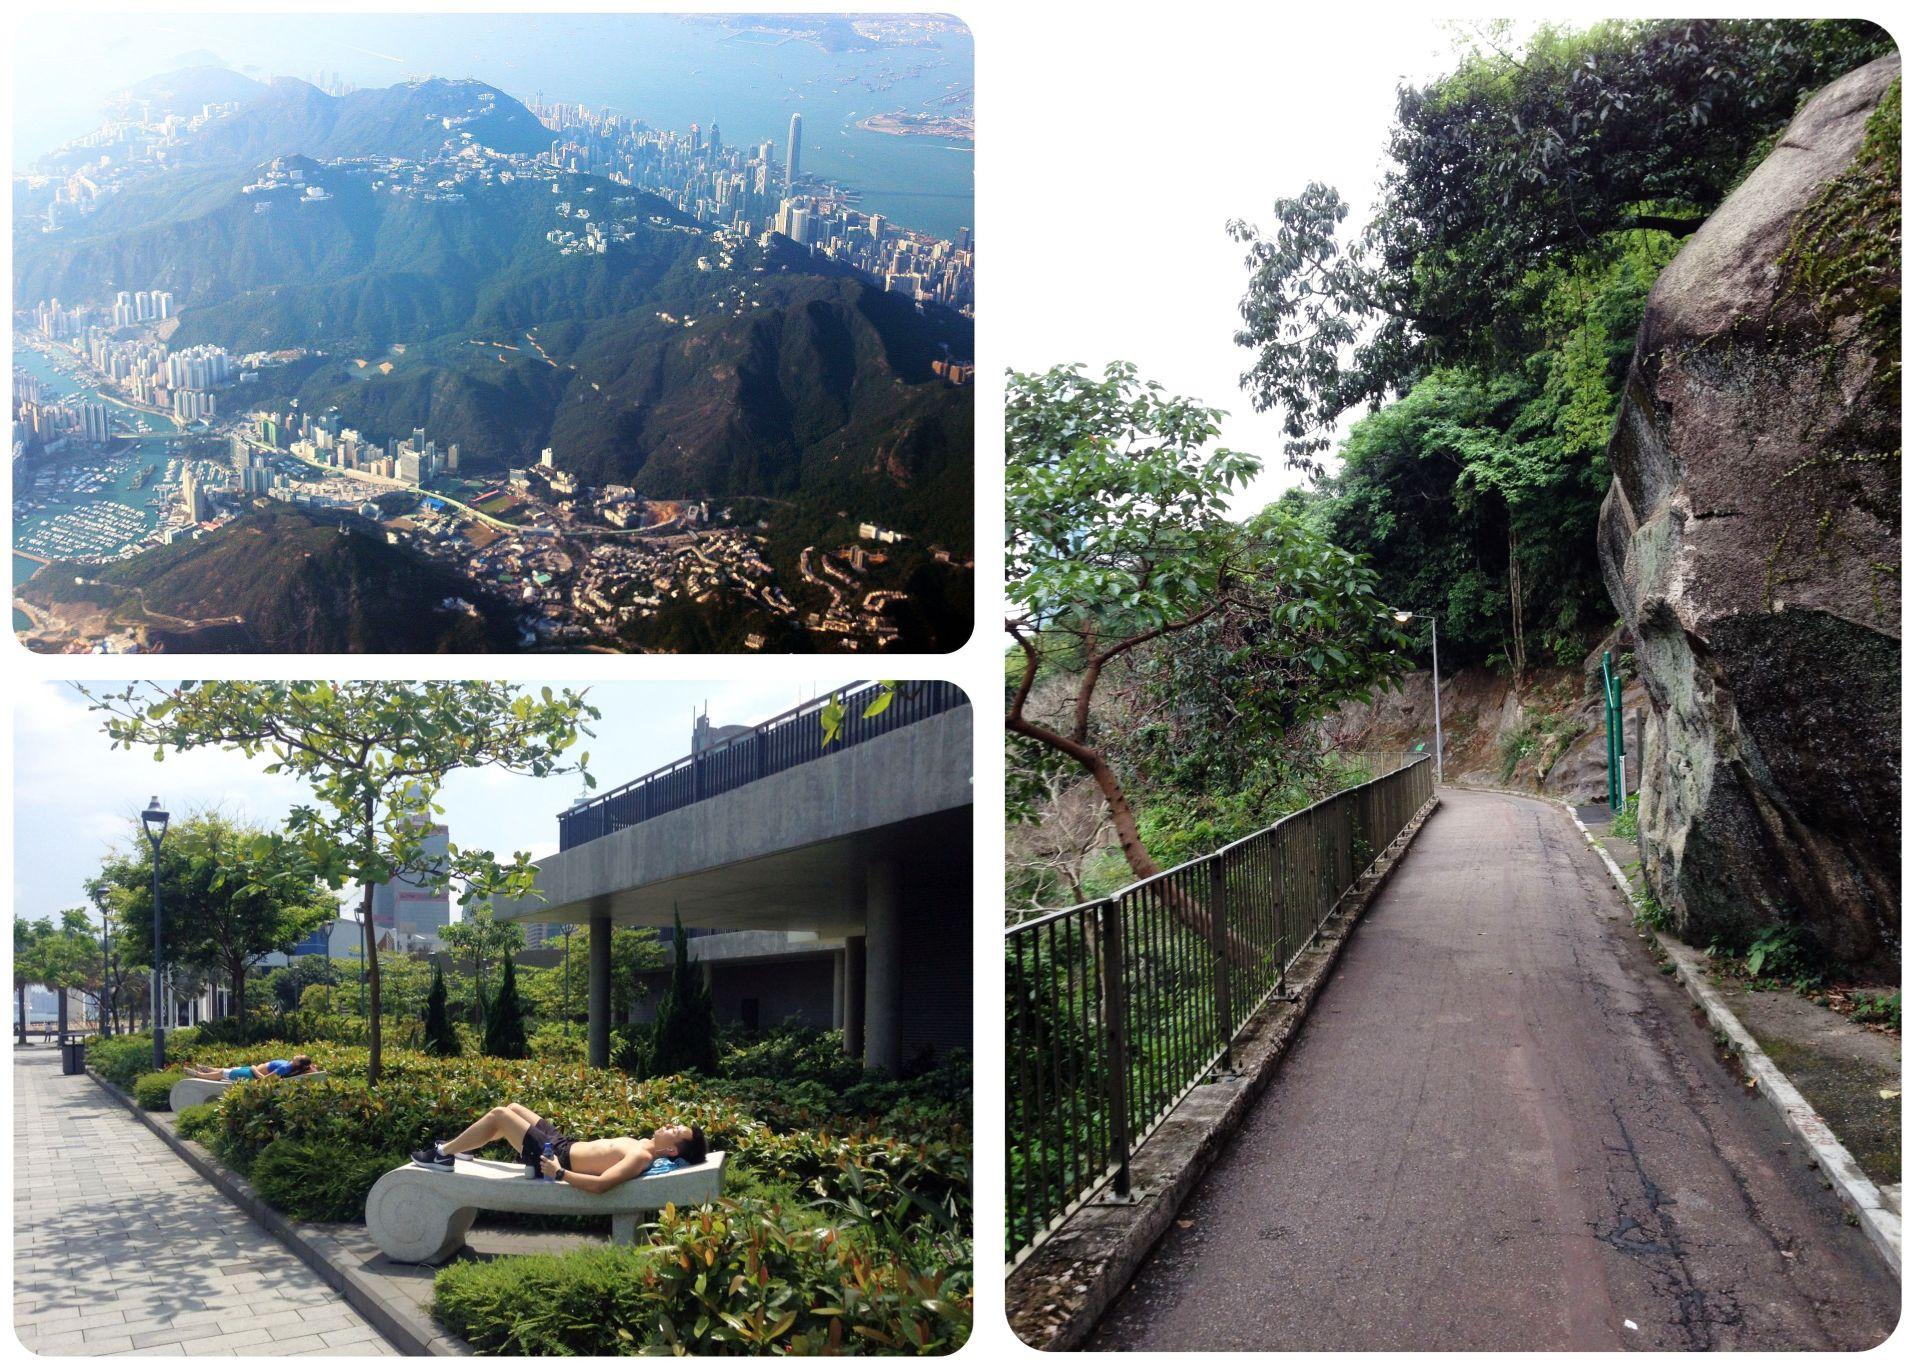 Hong Kong green spaces